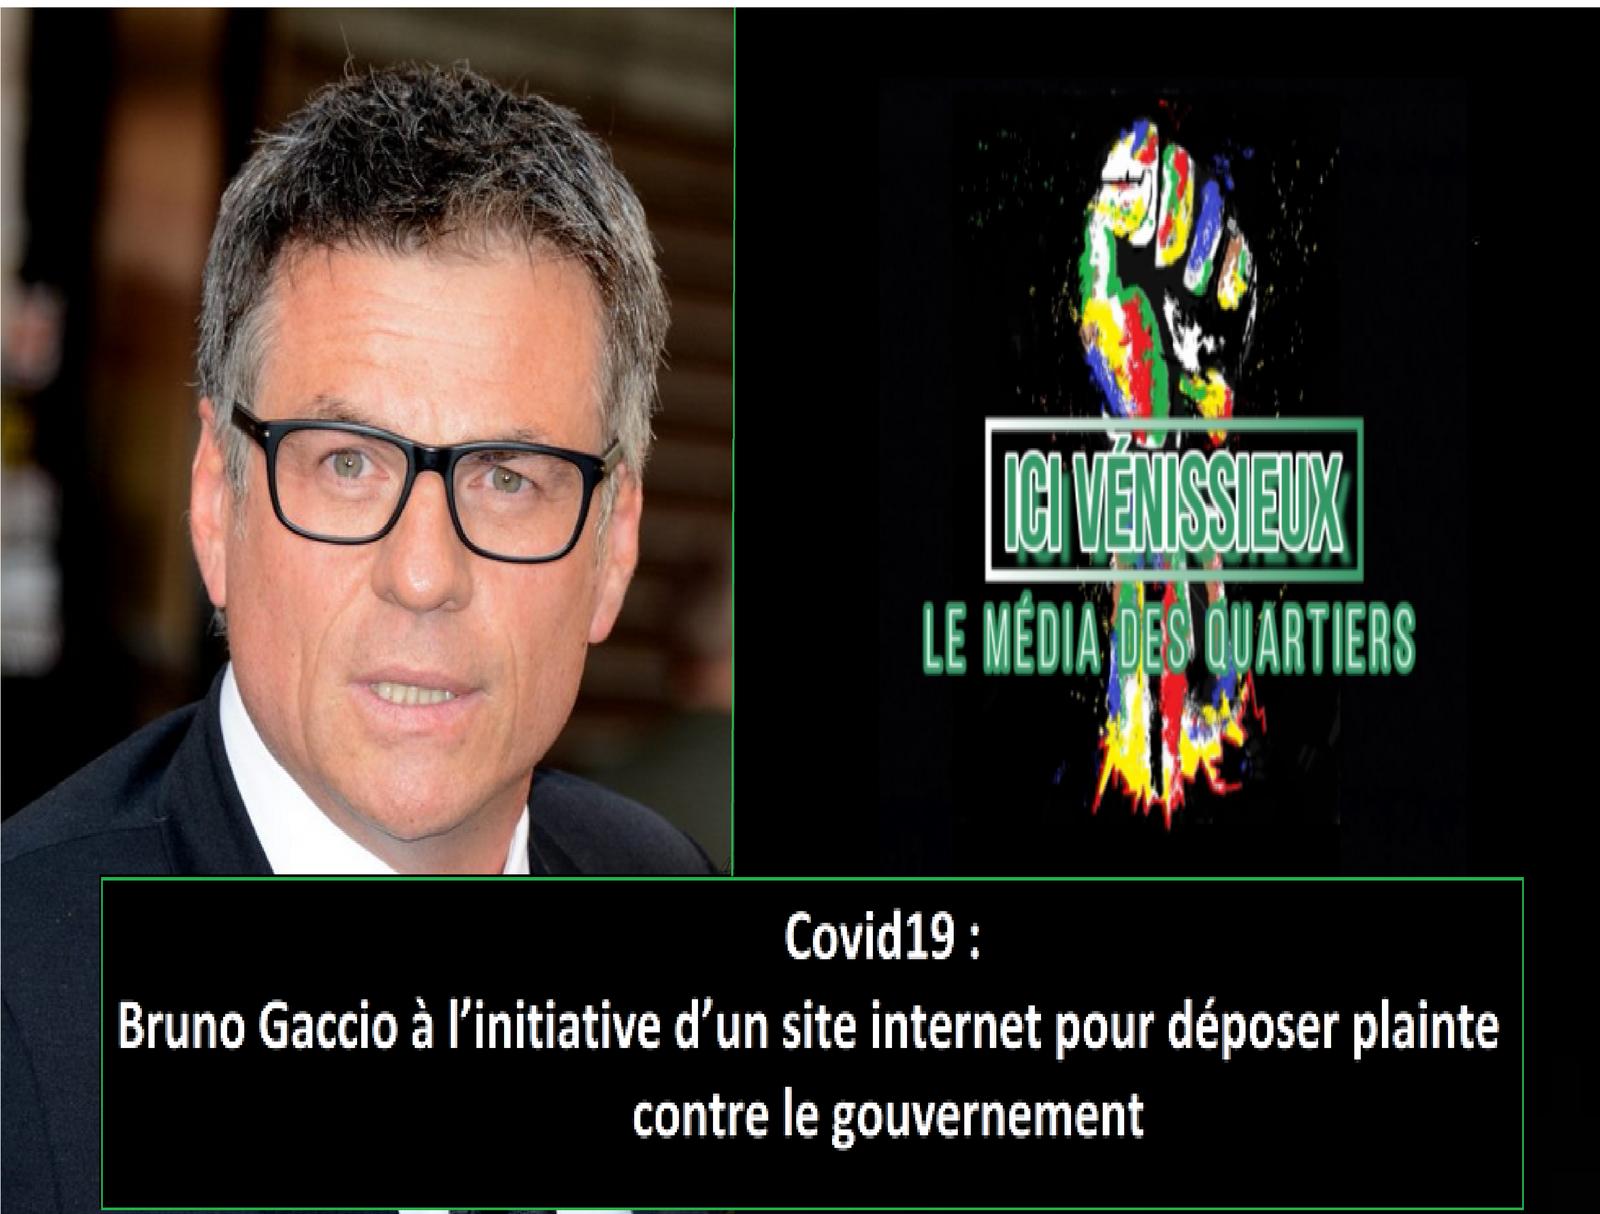 Covid19 : Bruno Gaccio, aidé d'avocats, à l'initiative d'un site internet pour déposer plainte contre le gouvernement